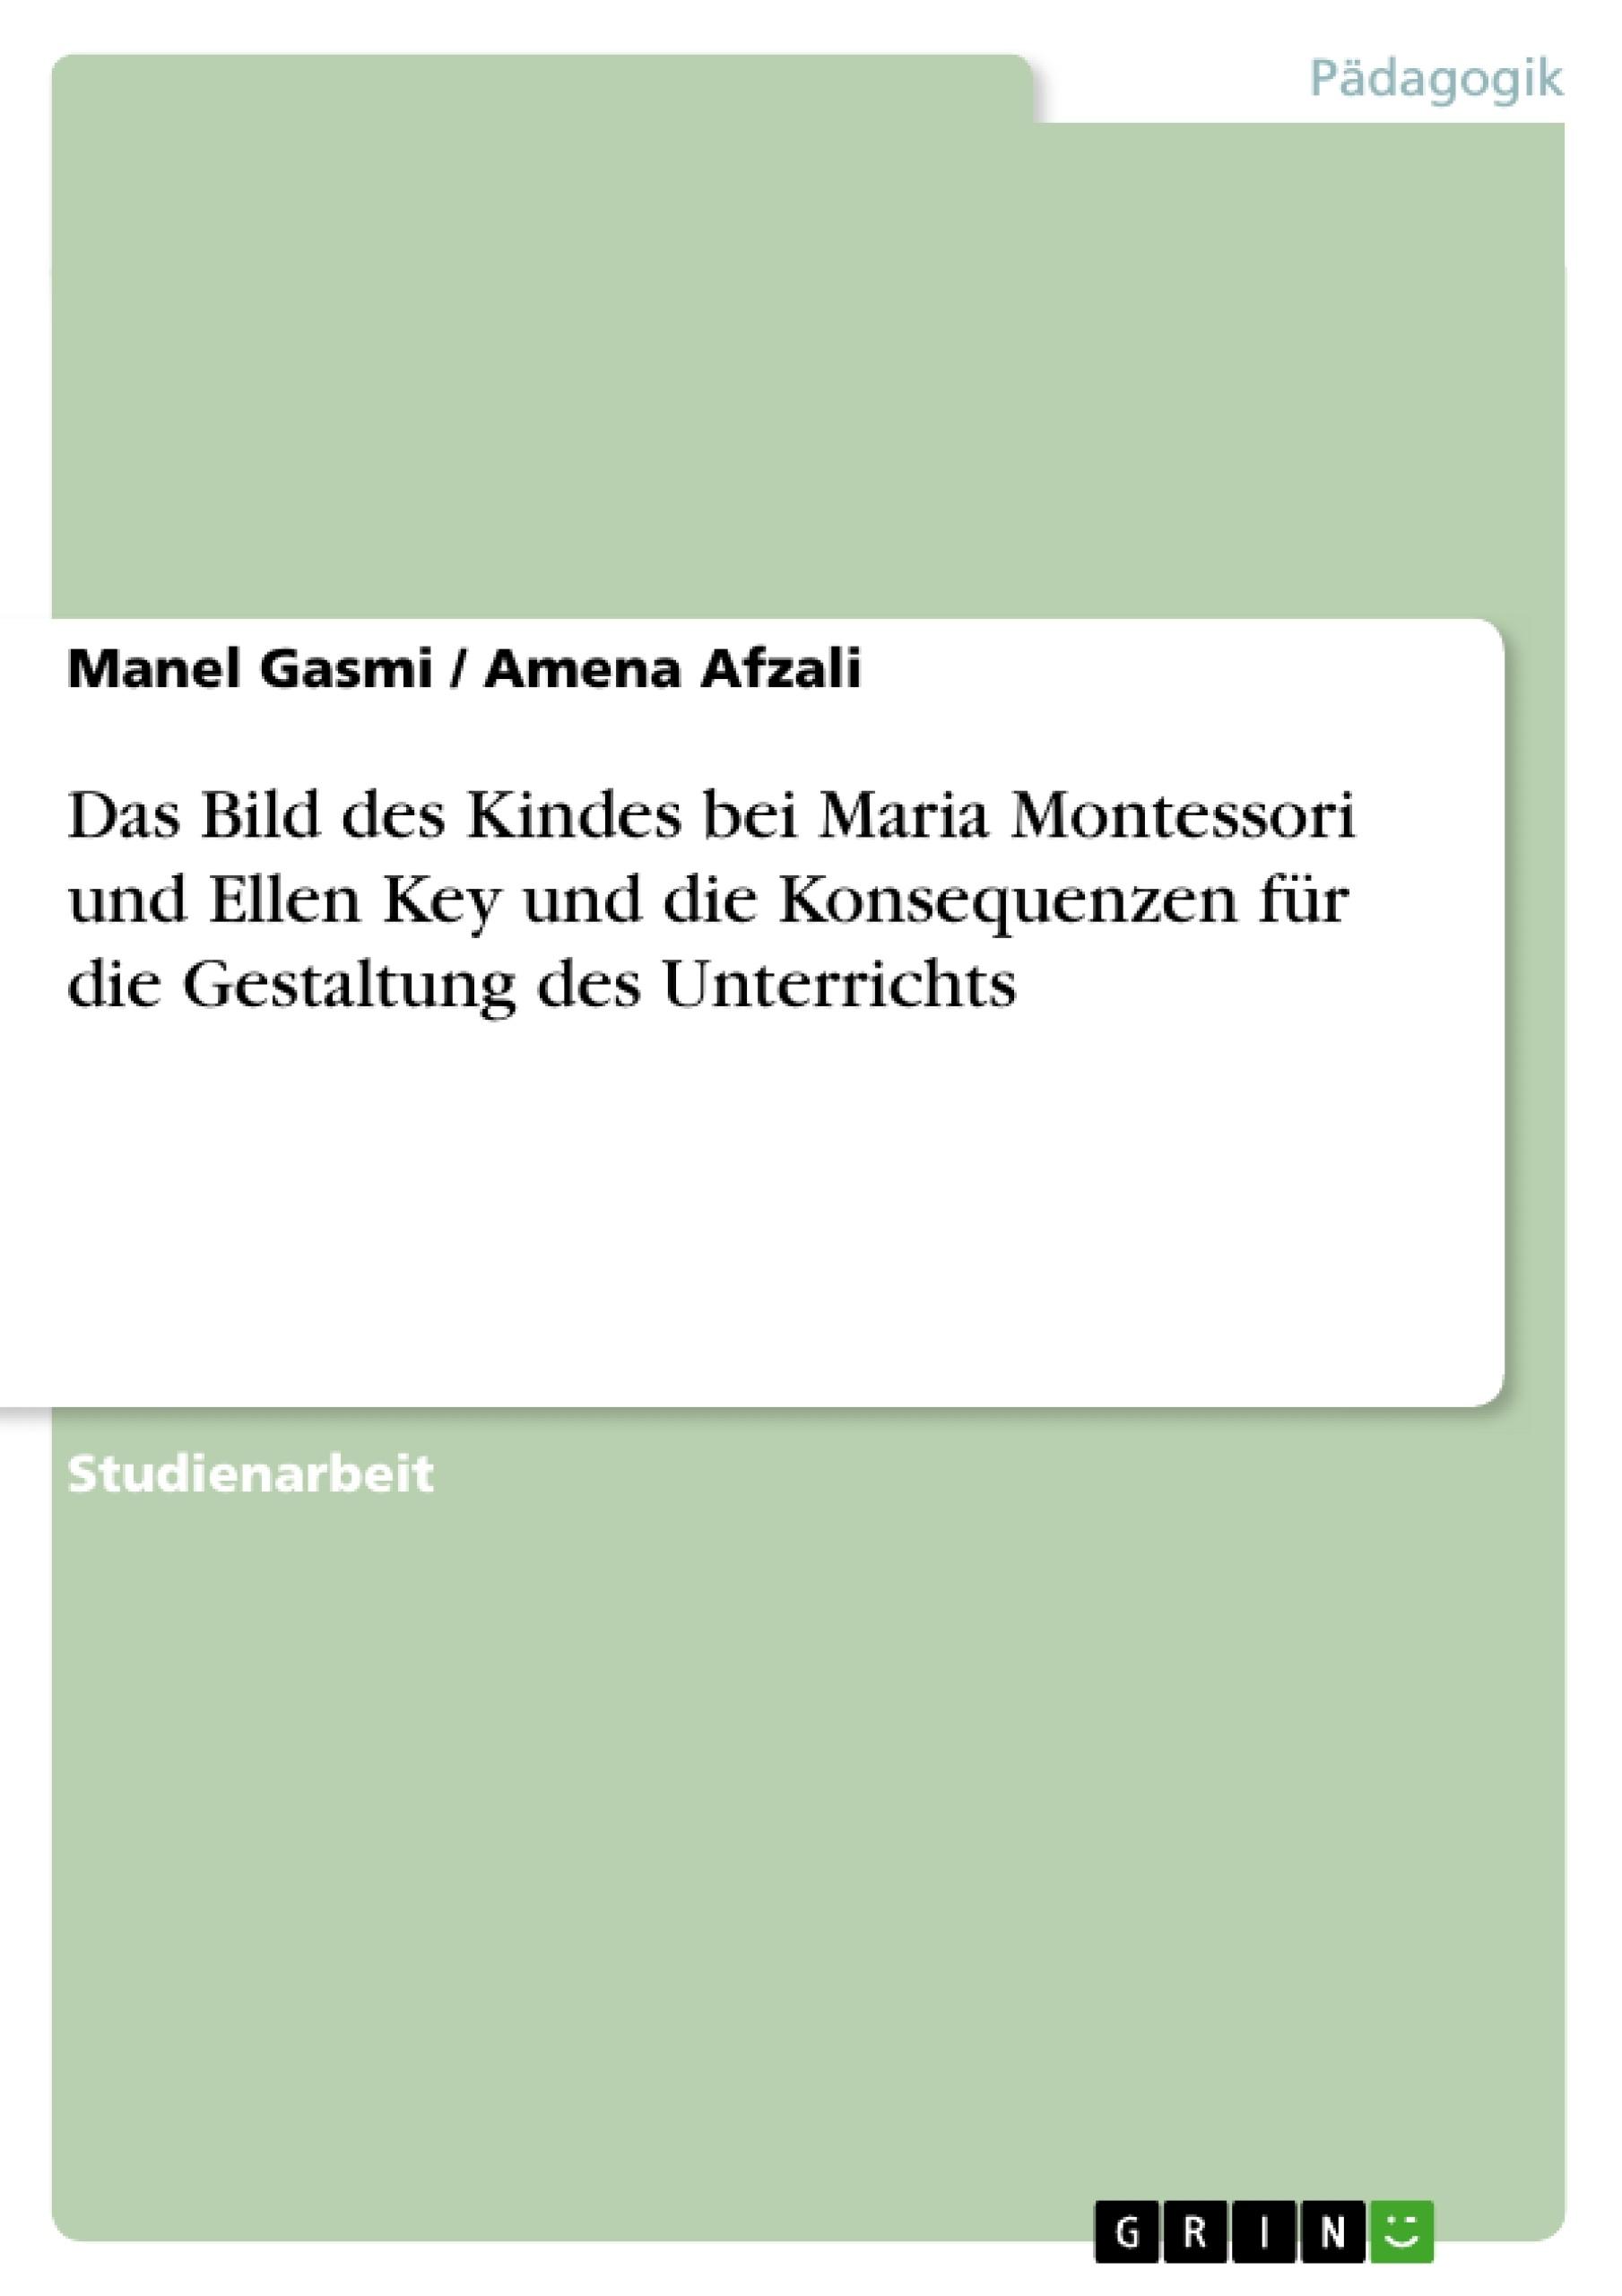 Titel: Das Bild des Kindes bei Maria Montessori und Ellen Key und die Konsequenzen für die Gestaltung des Unterrichts